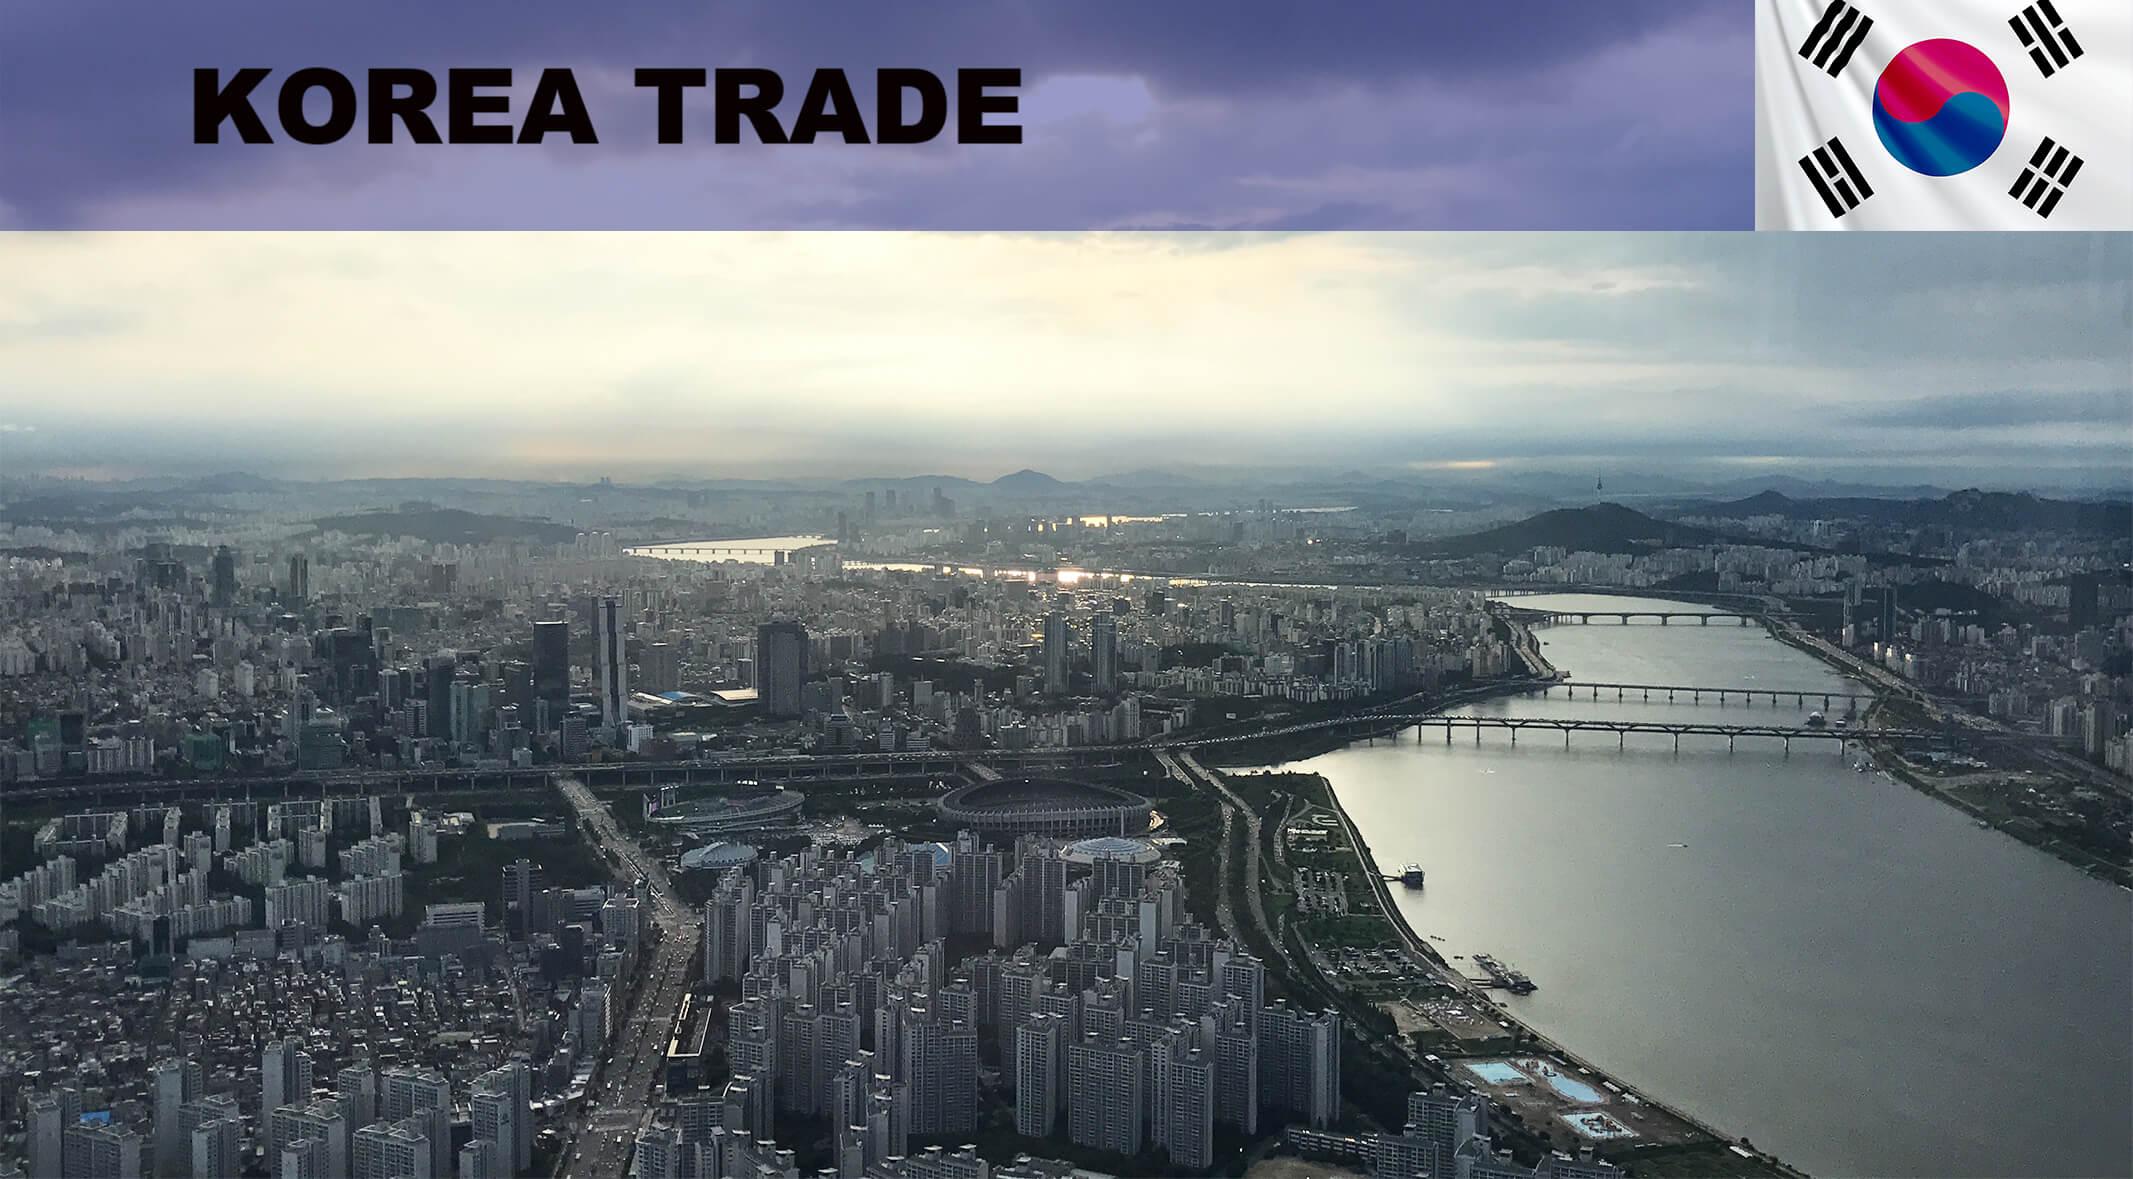 韓国貿易の基礎知識 | 貿易相手国ランキング・米国および各国FTAの状況・新型コロナの影響